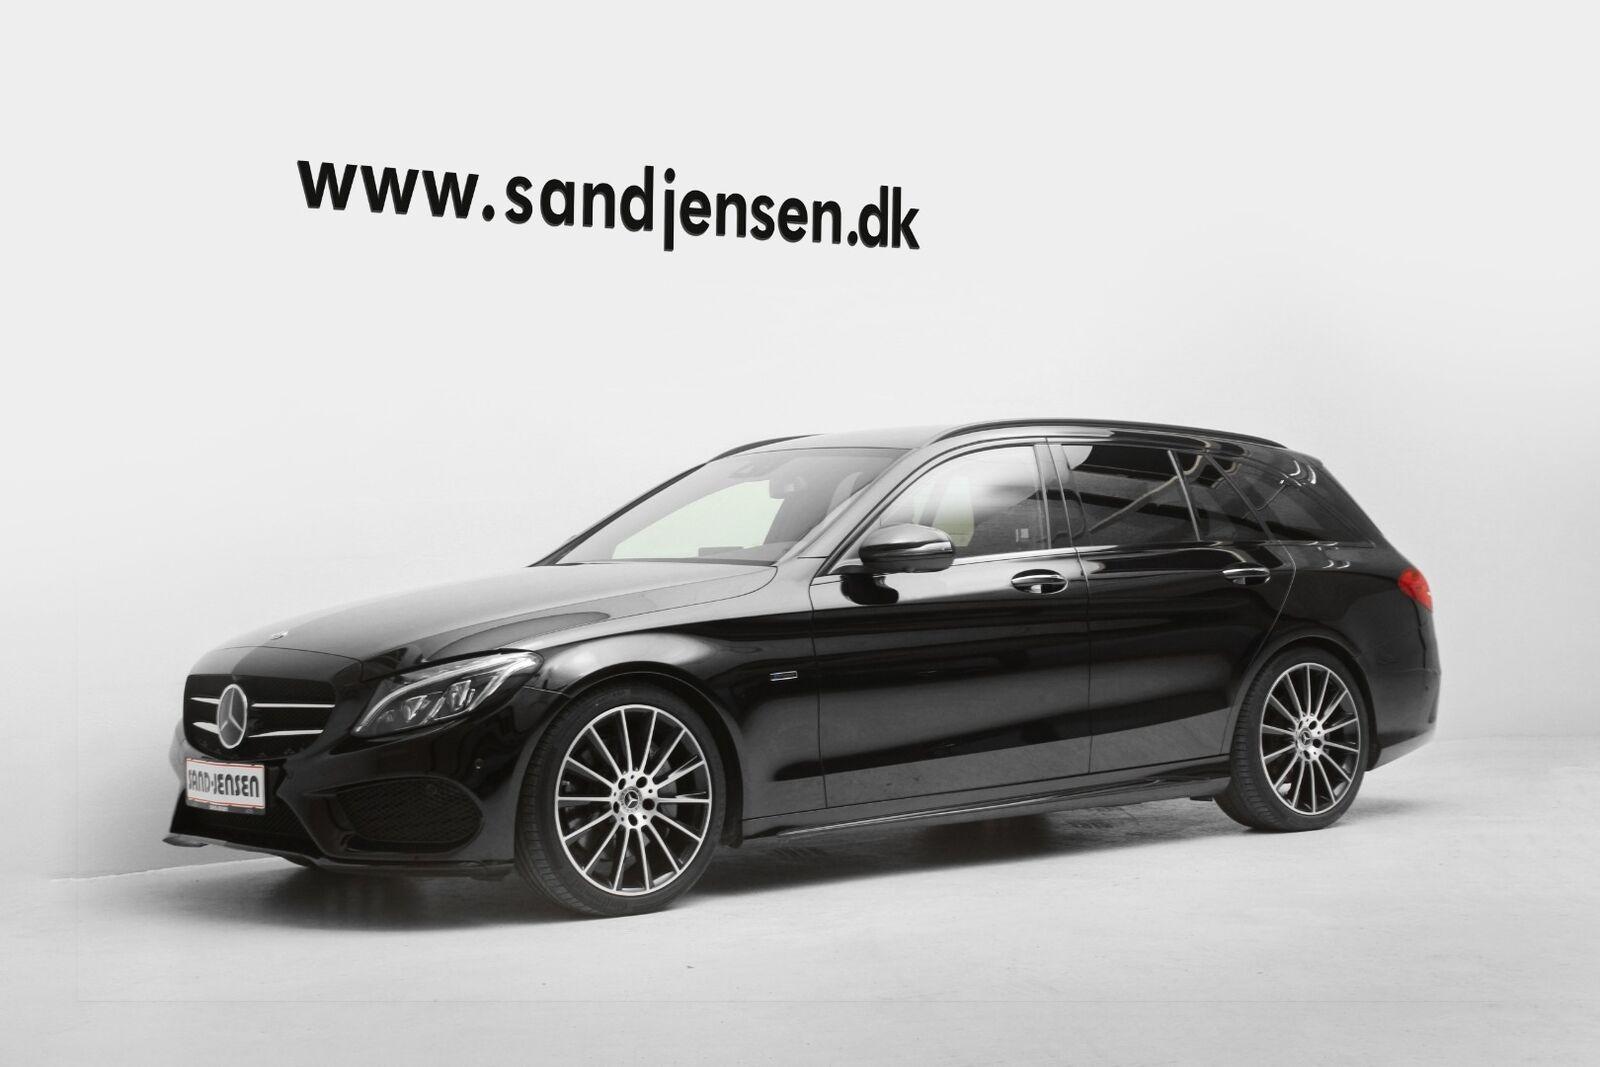 Mercedes C350 e 2,0 AMG Line stc. aut. 5d